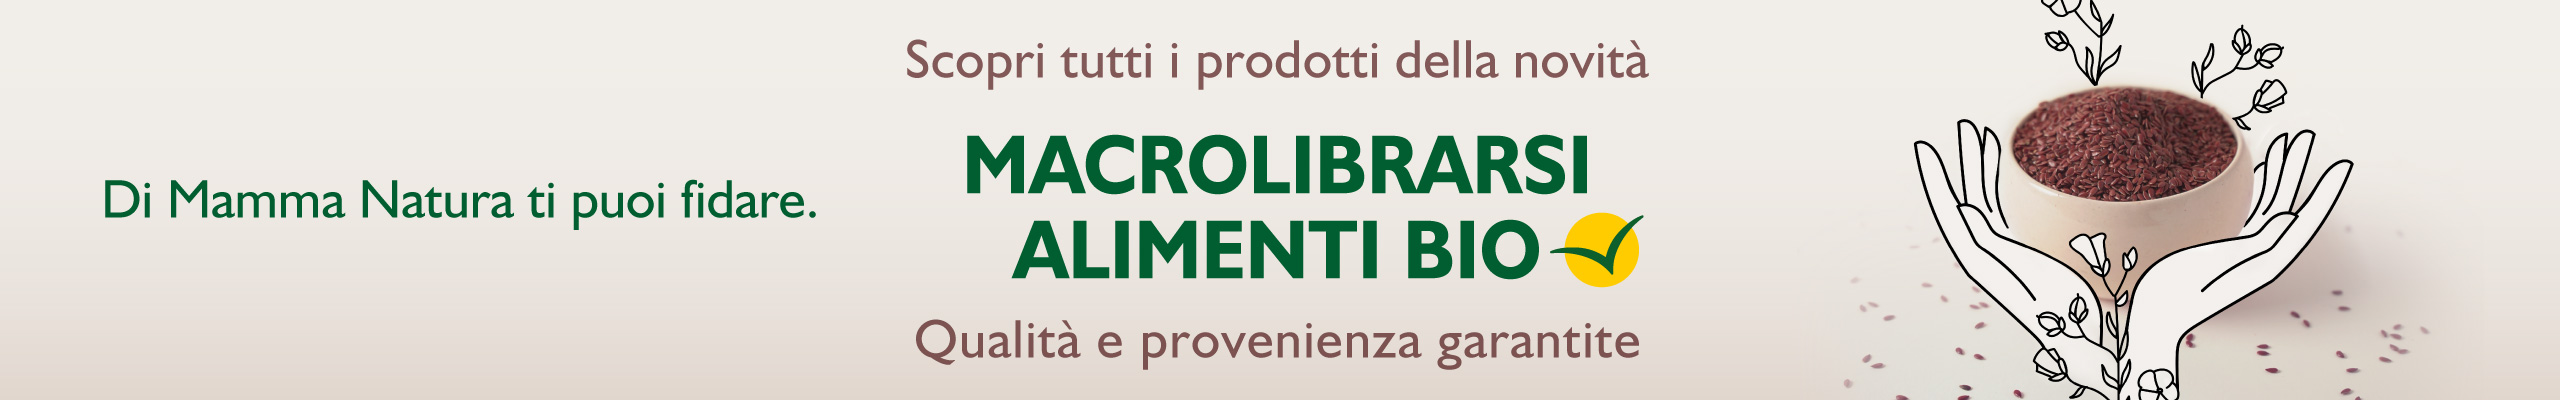 Scopri tutti i prodotti della novità Macrolibrarsi Alimenti Bio